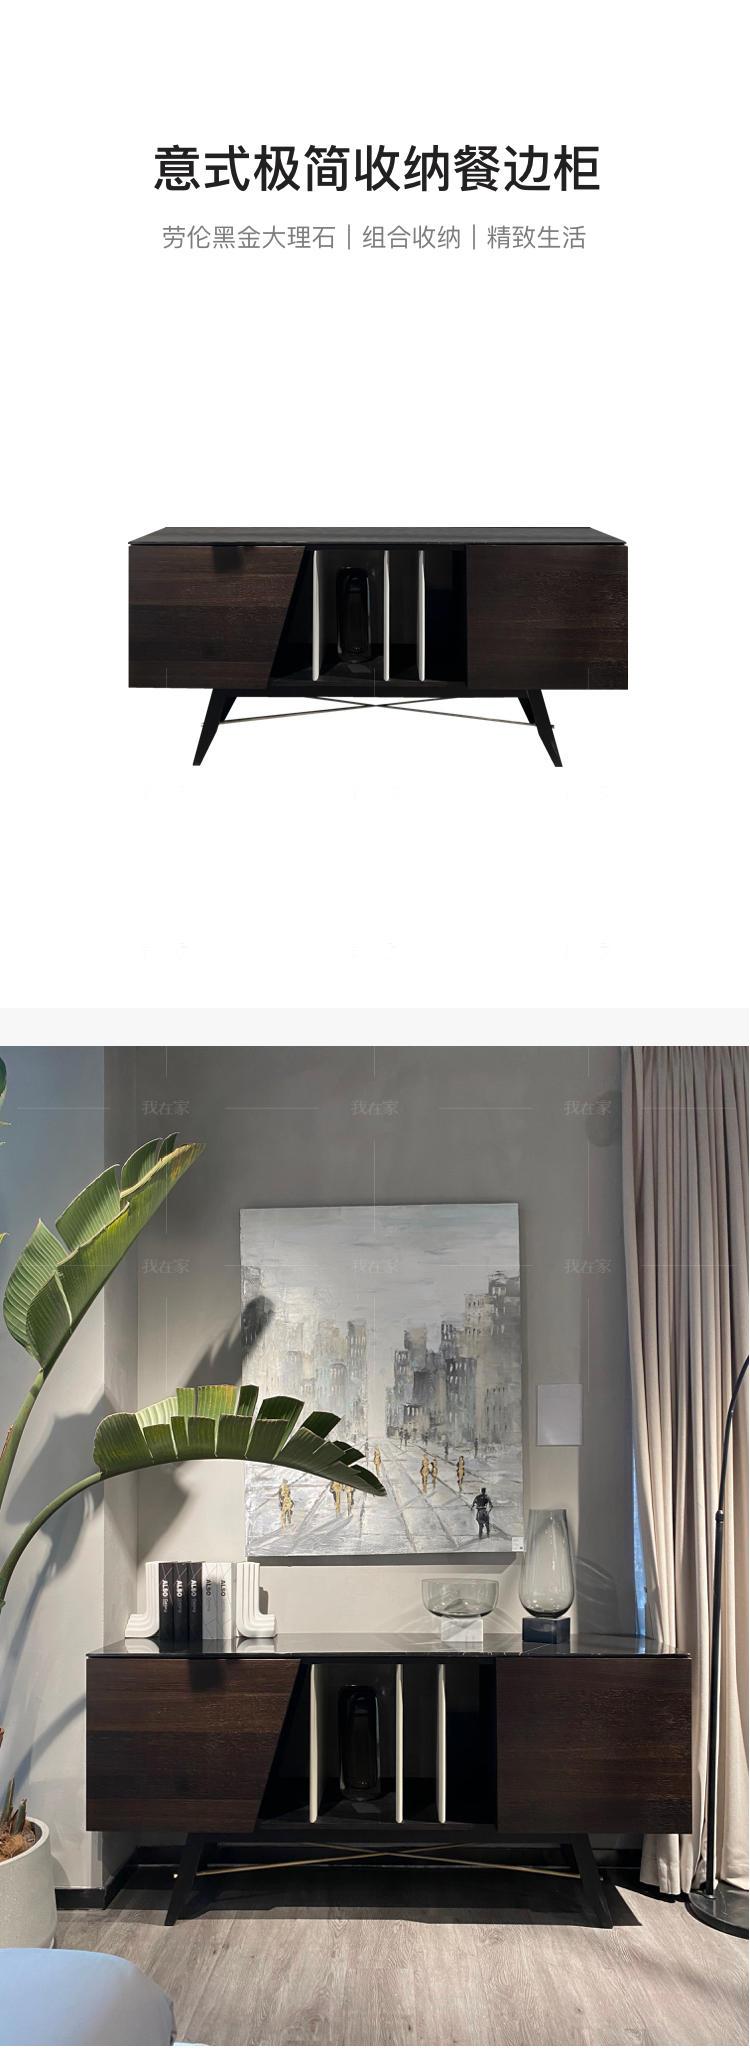 意式极简风格餐边柜(样品特惠)的家具详细介绍